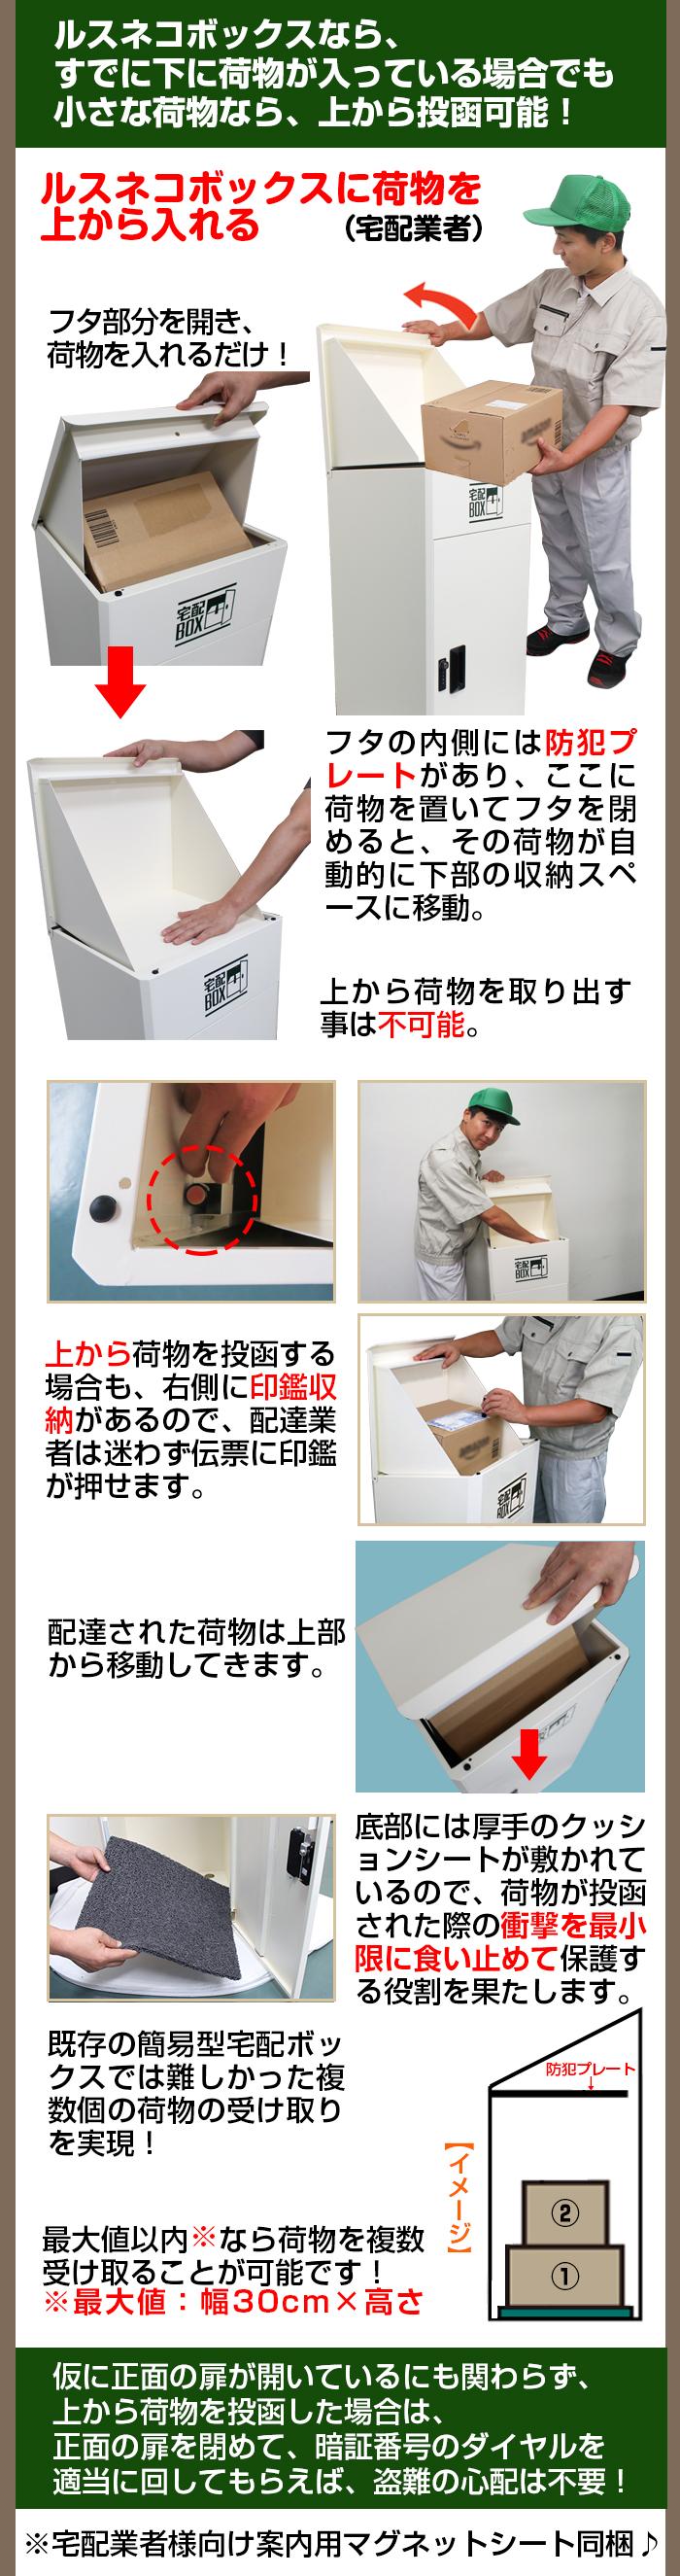 宅配ボックス ルスネコボックス®の使い方3